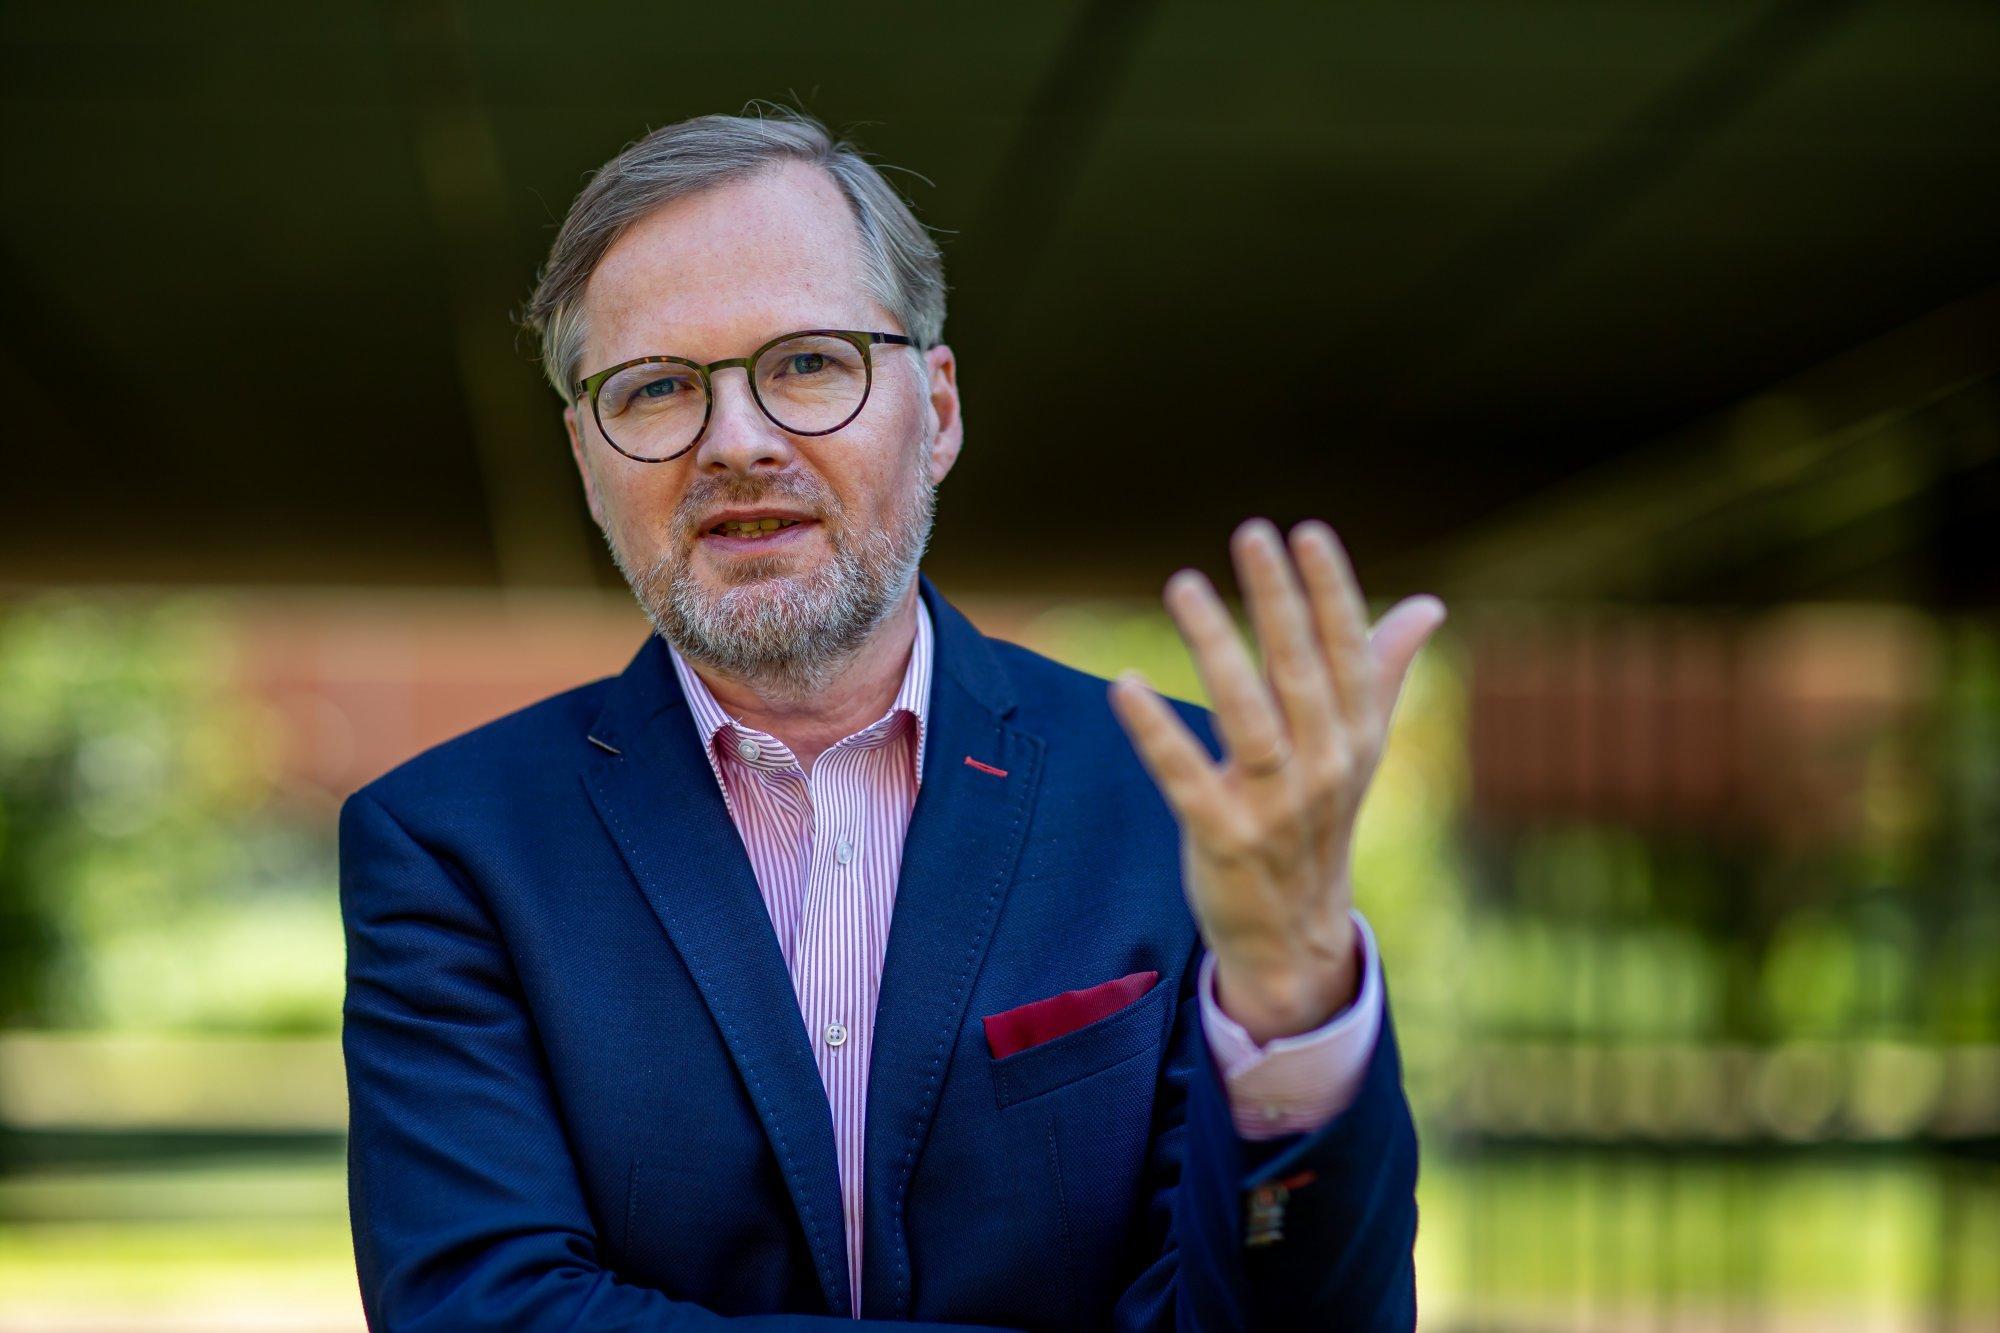 Petr Fiala: Lžimarketing musí skončit a vláda musí konat